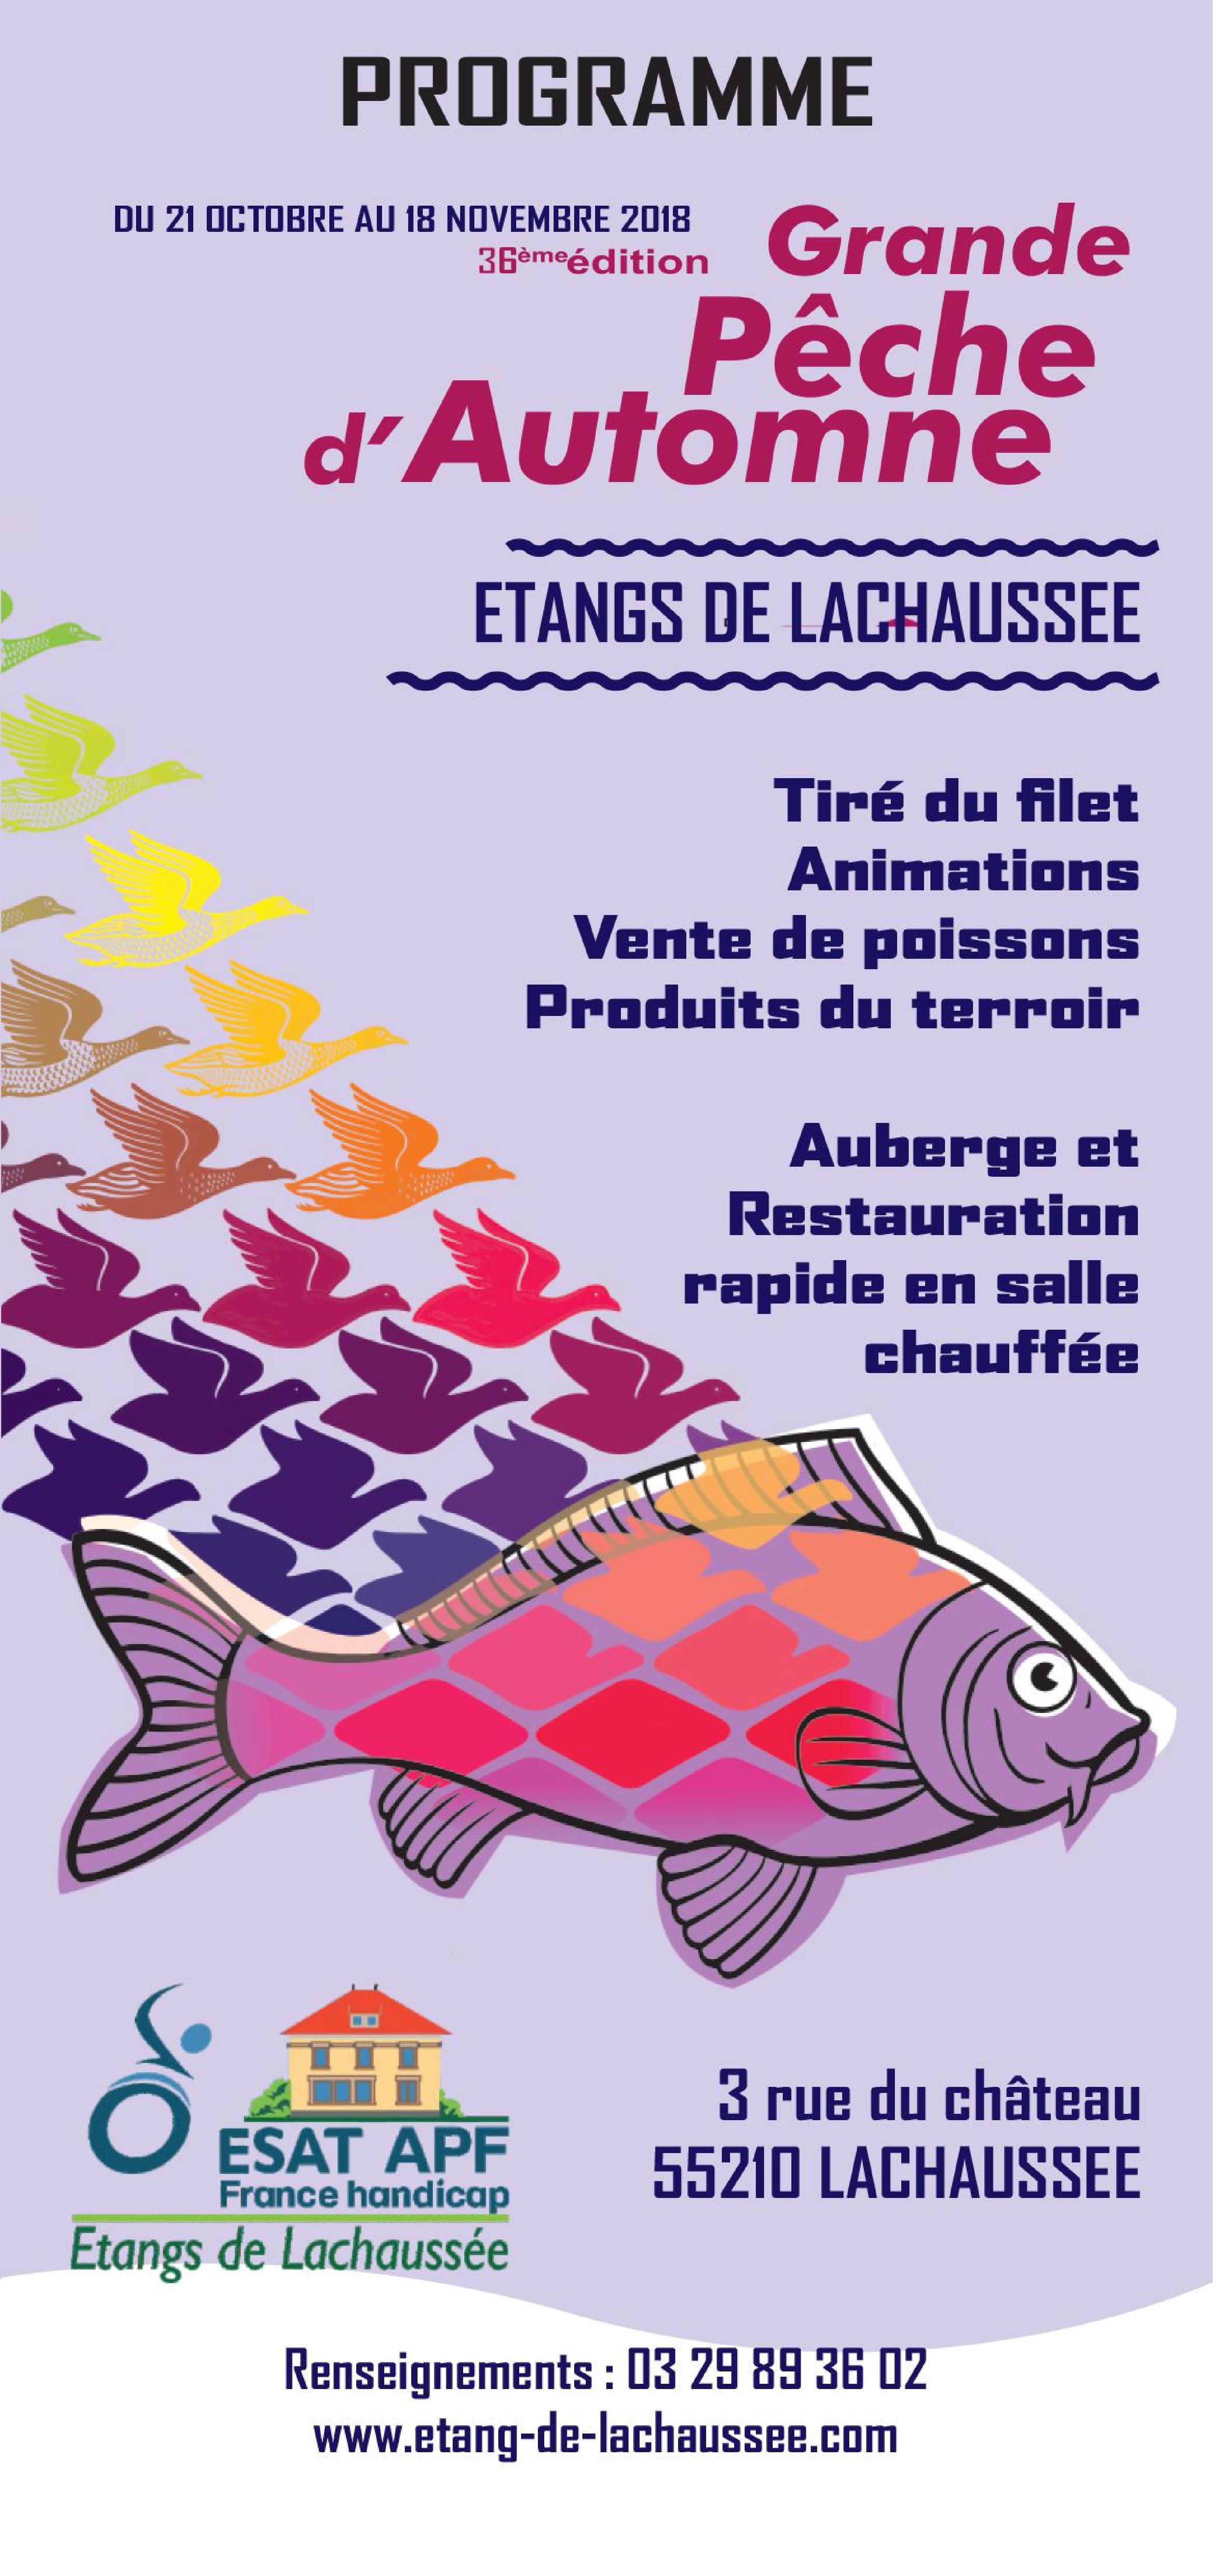 Programme Grande Pêche d'Automne à Lachaussée